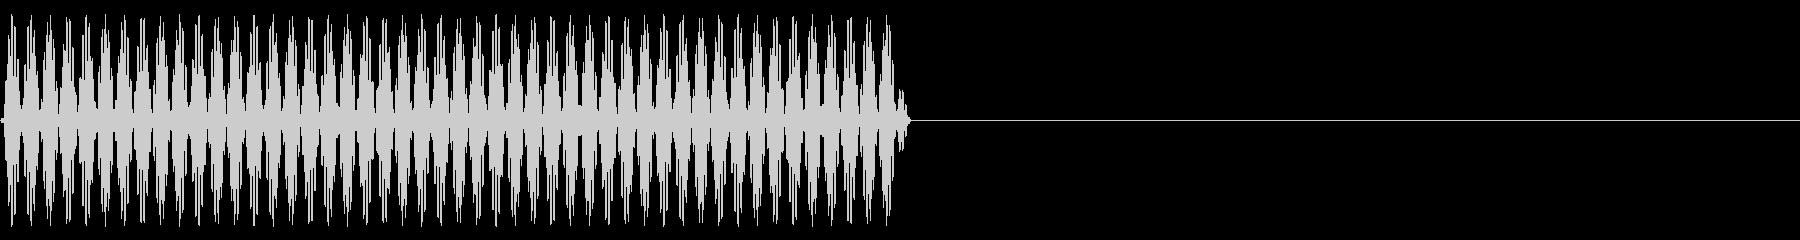 『ピッ』電話のプッシュ音(0)-単音の未再生の波形